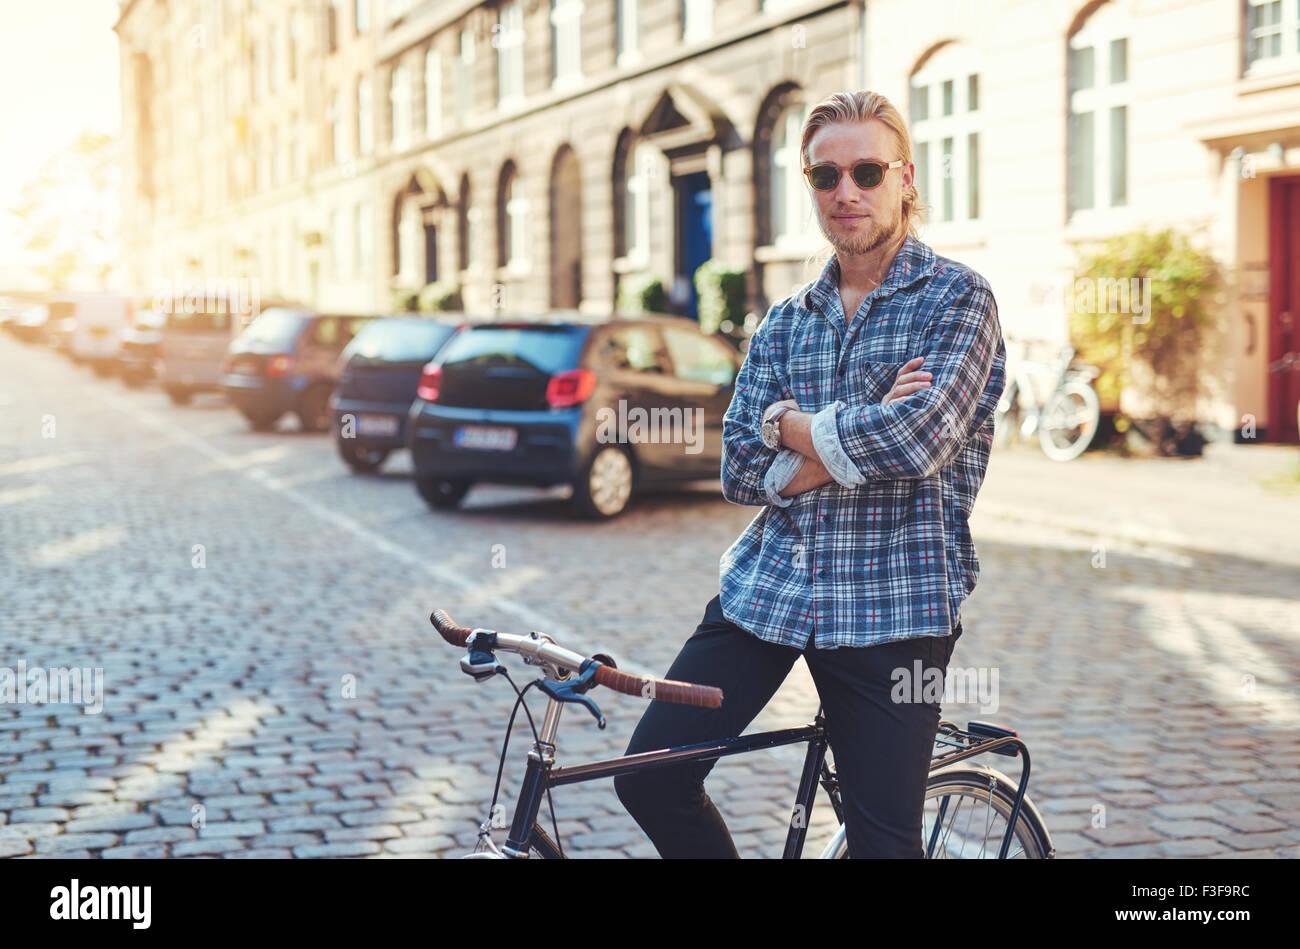 Porträt des Mannes auf seinem Fahrrad mit verschränkten Armen suchen stilvolle. City-lifestyle Stockbild